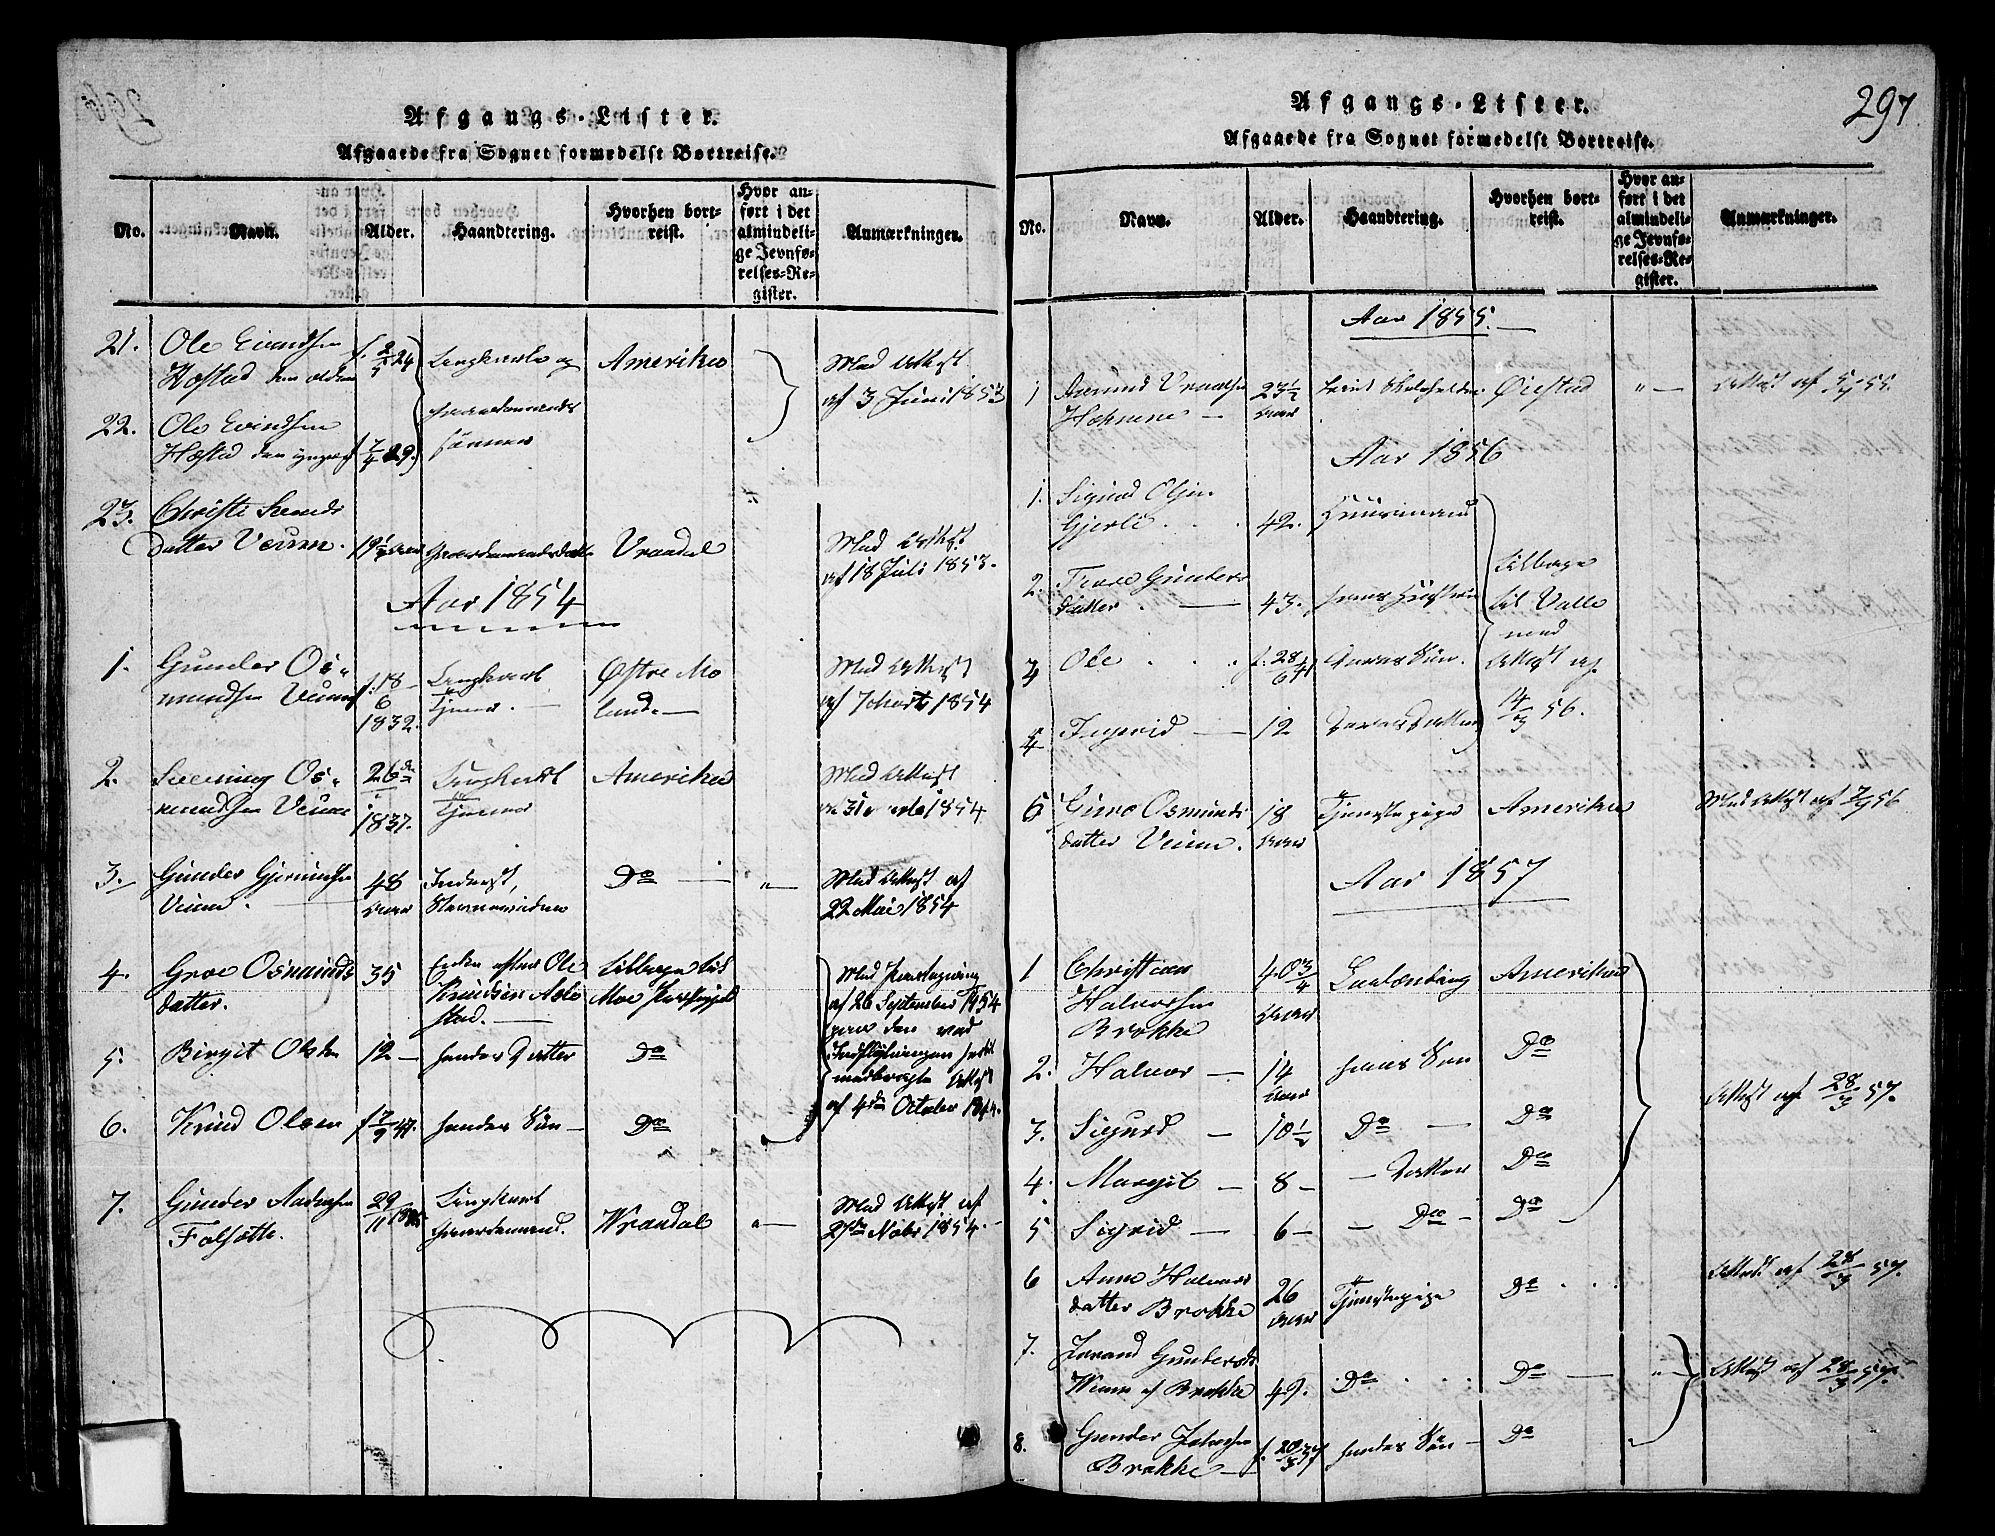 SAKO, Fyresdal kirkebøker, G/Ga/L0003: Klokkerbok nr. I 3, 1815-1863, s. 297